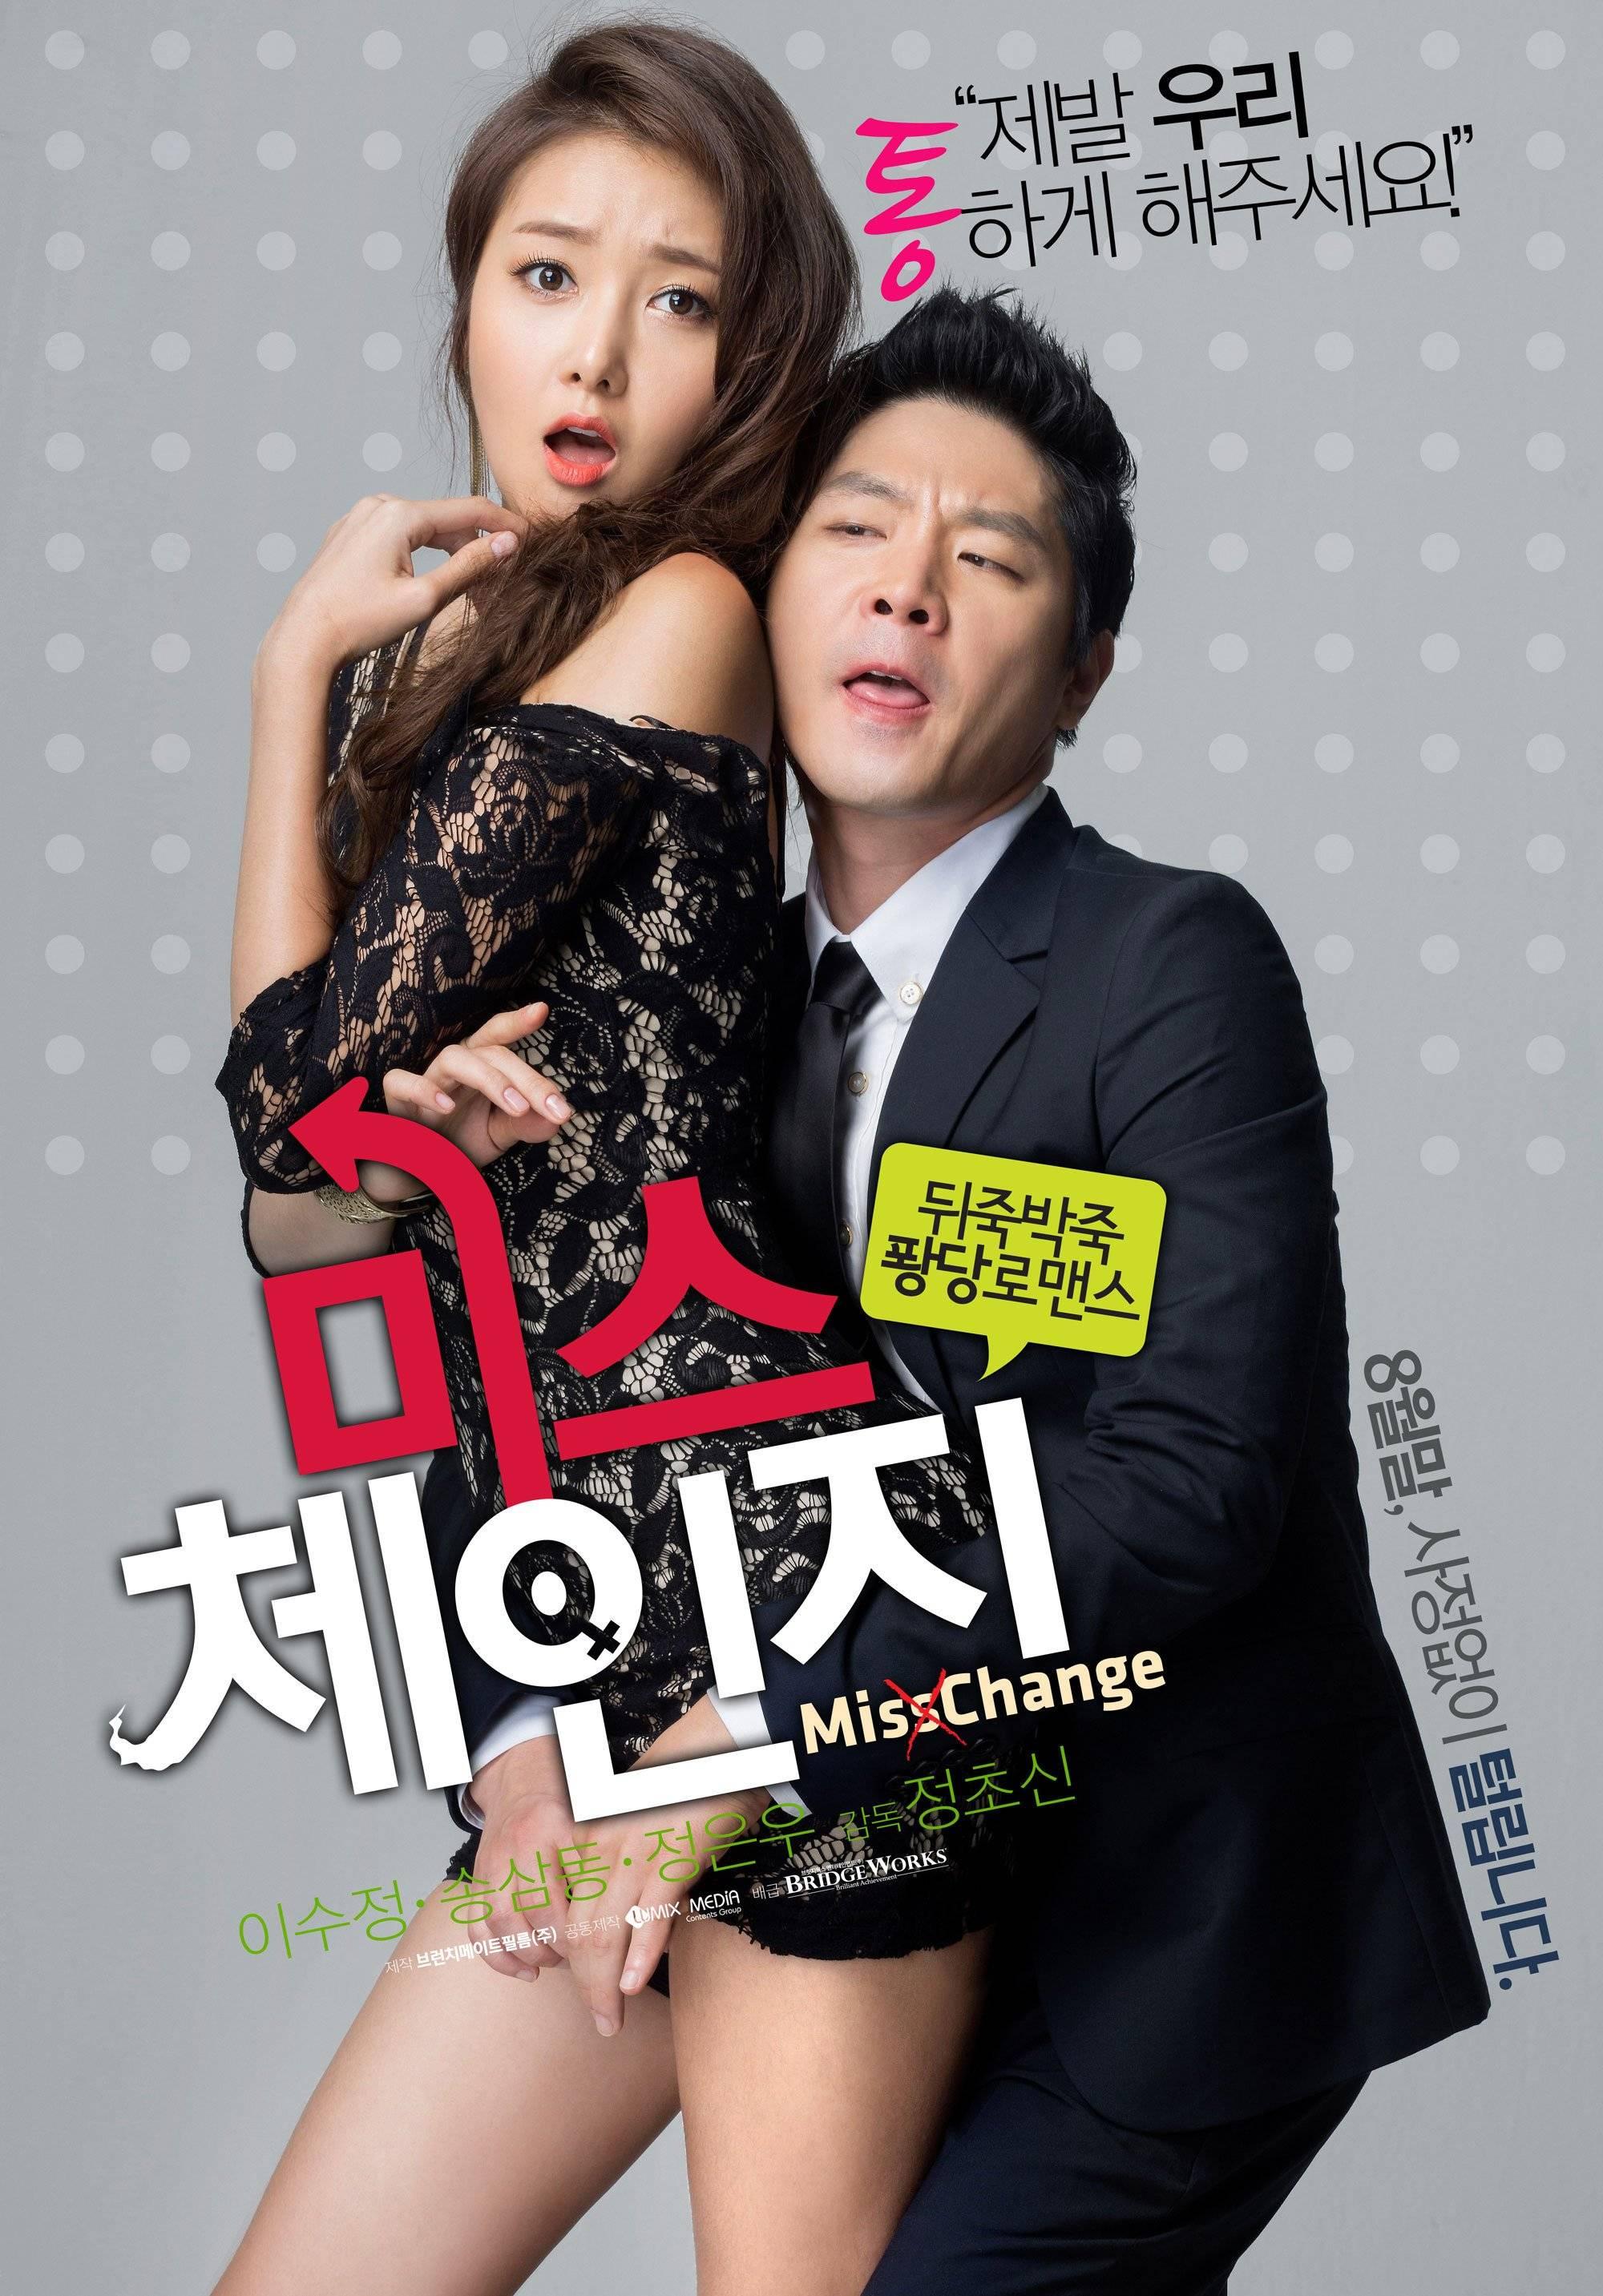 meet the inlaws korean movie wiki